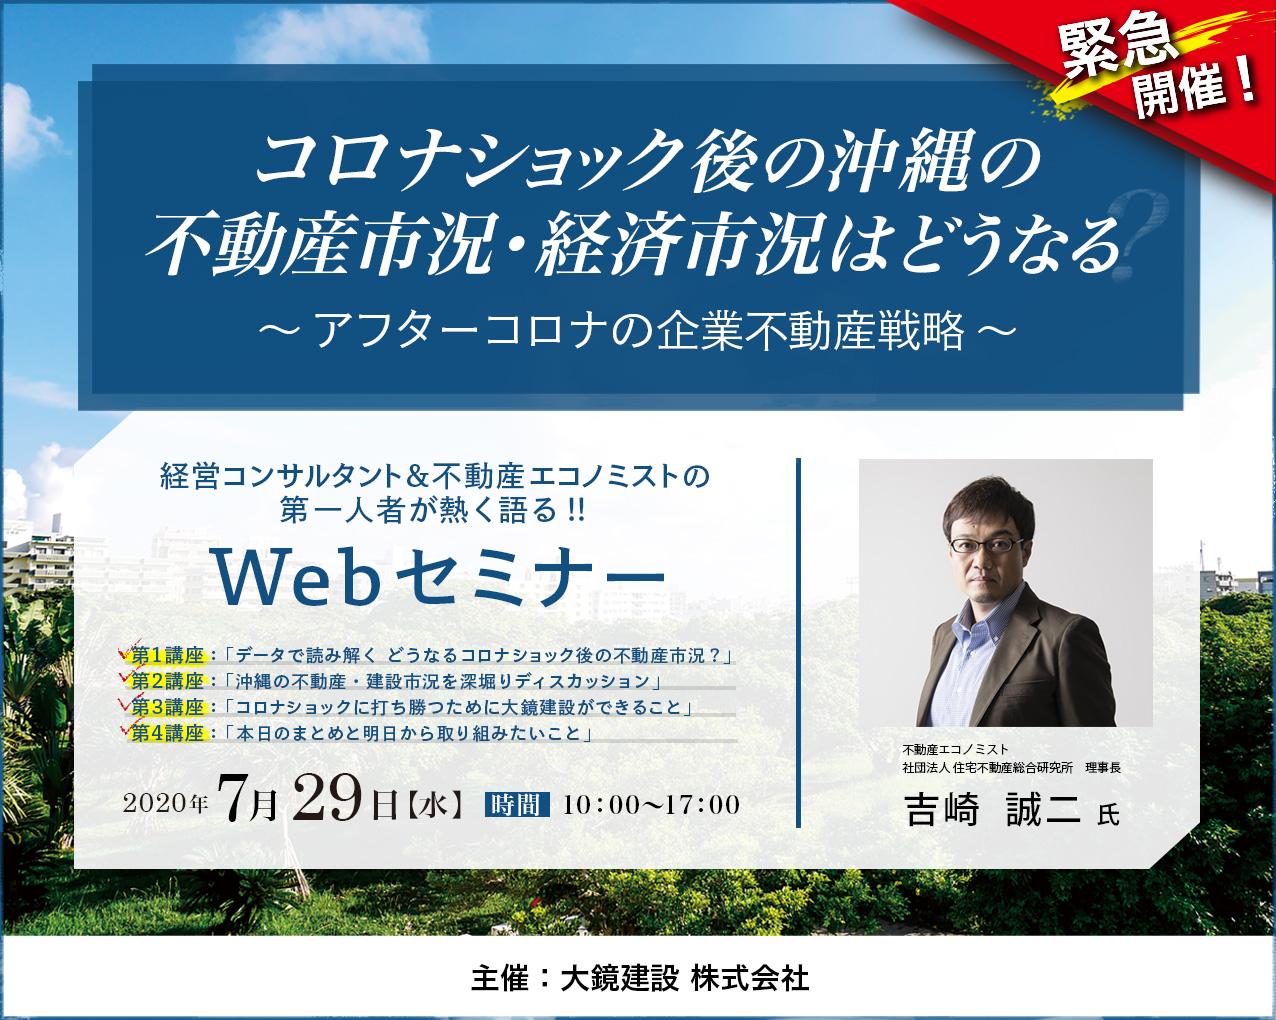 【コロナショック後の沖縄の不動産市況・経済市況はどうなる?~アフターコロナの企業不動産戦略~】大鏡CRE 緊急webセミナー開催!